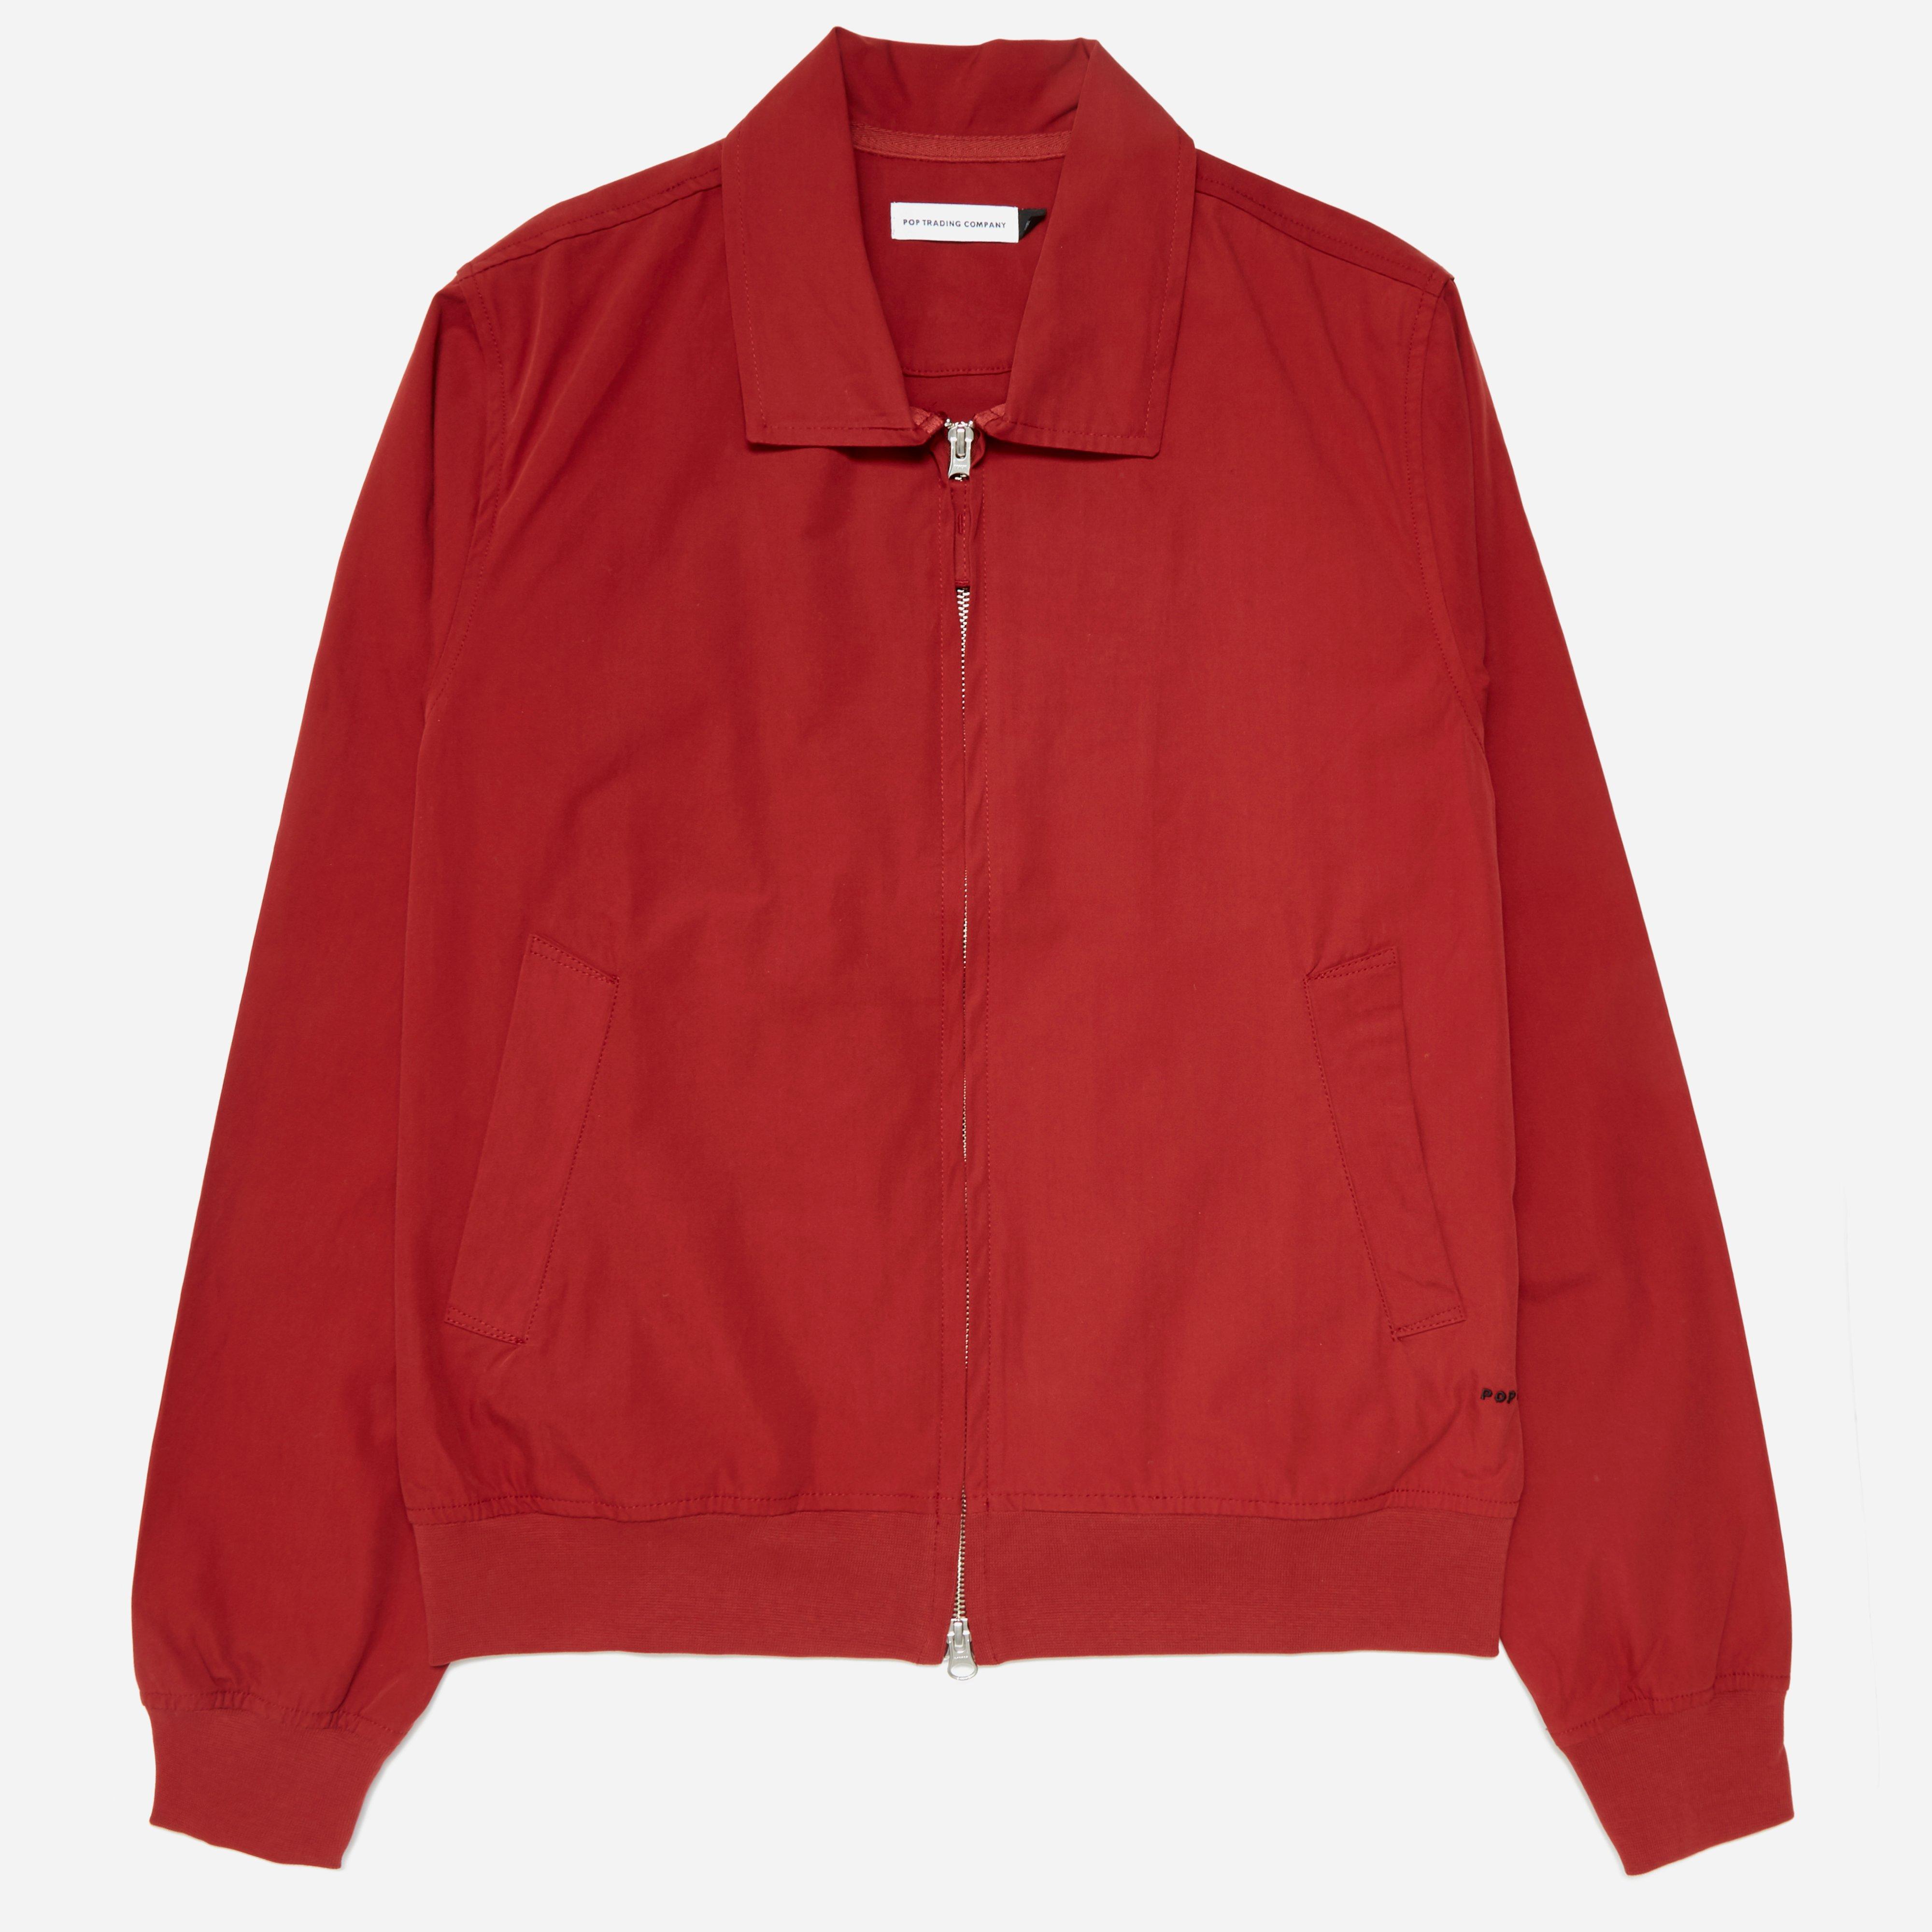 Pop Trading Company Full Zip Jacket